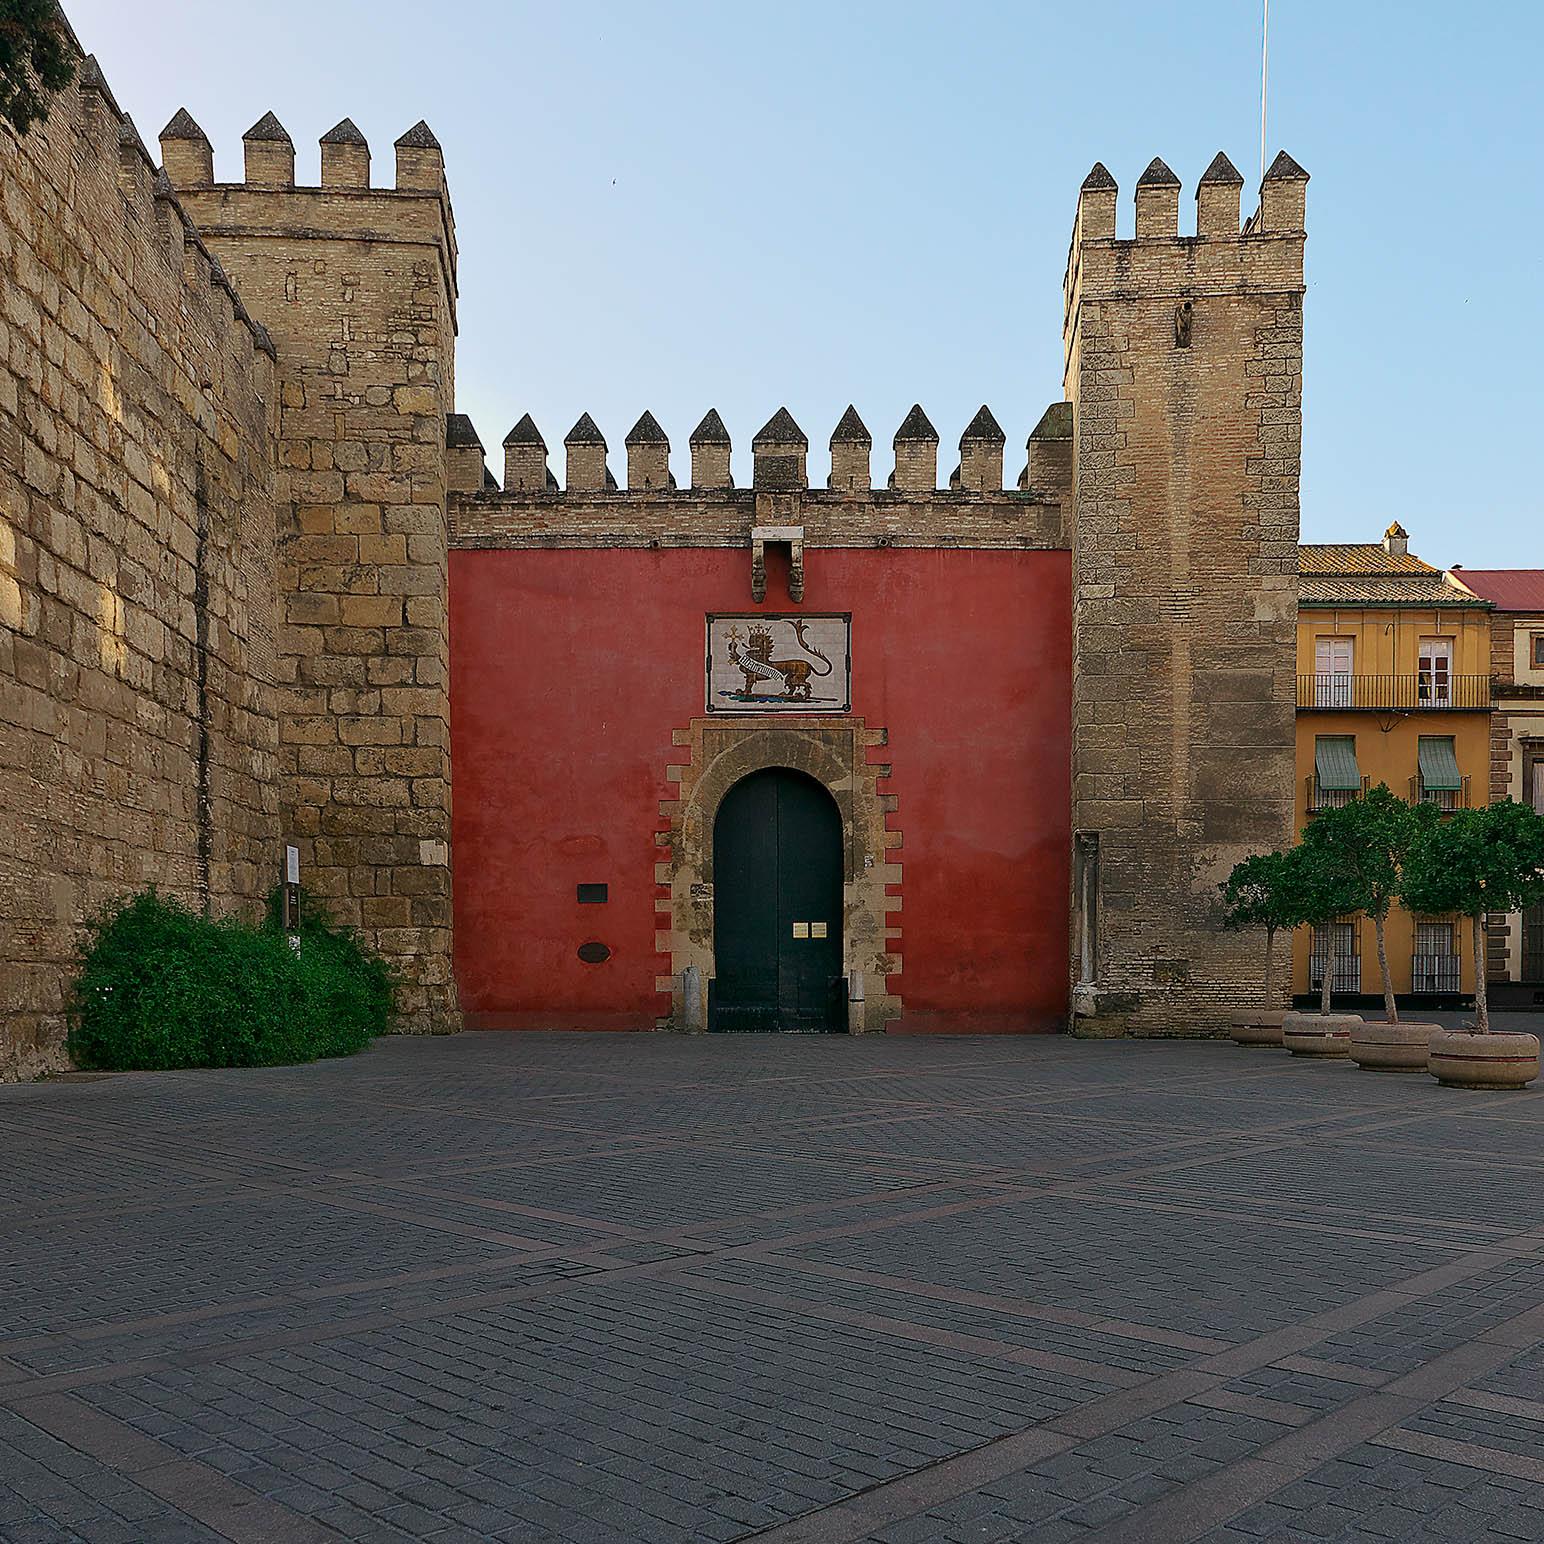 Puerta_del_León,_Real_Alcázar_de_Sevilla